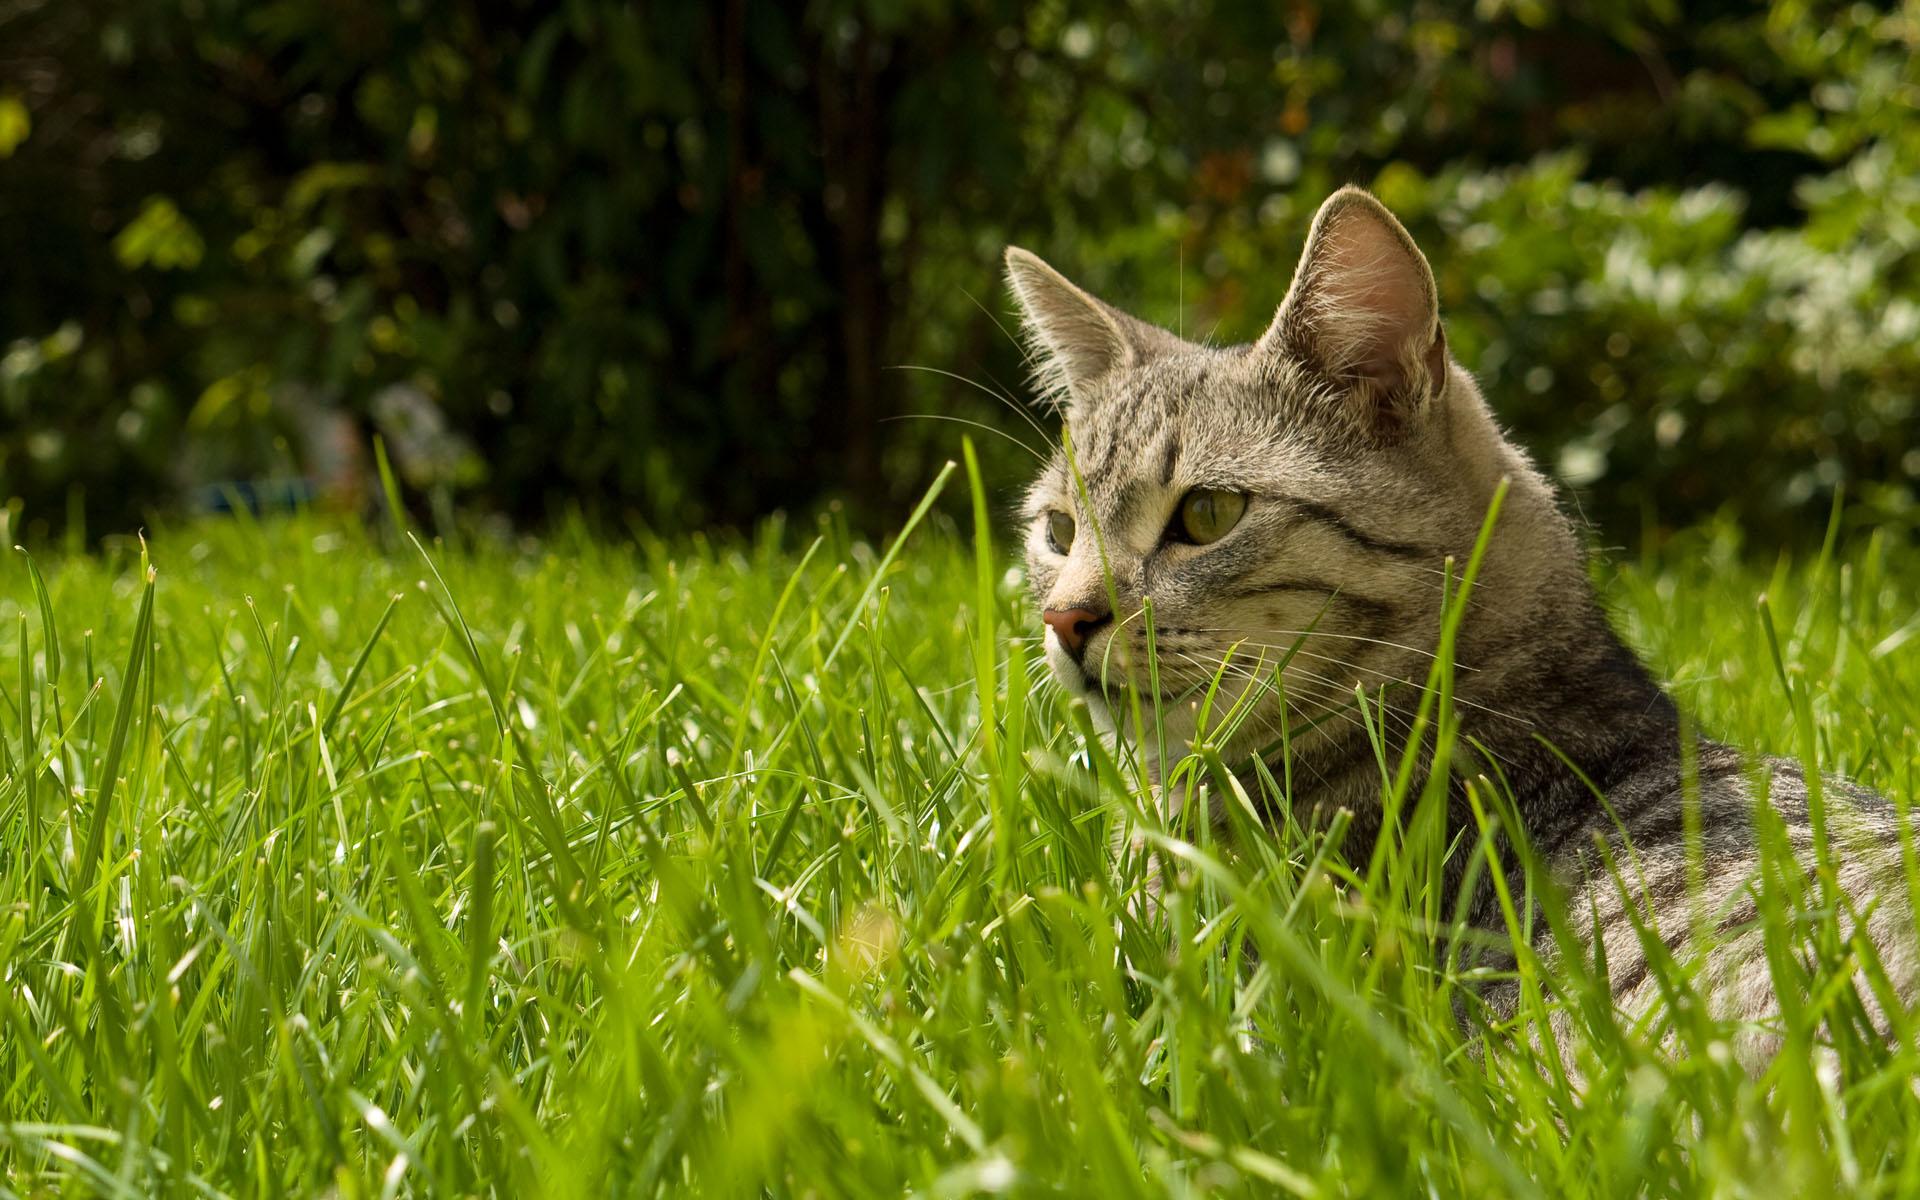 Hd wallpaper wide - Field In Cat Hd Widescreen Wallpaper